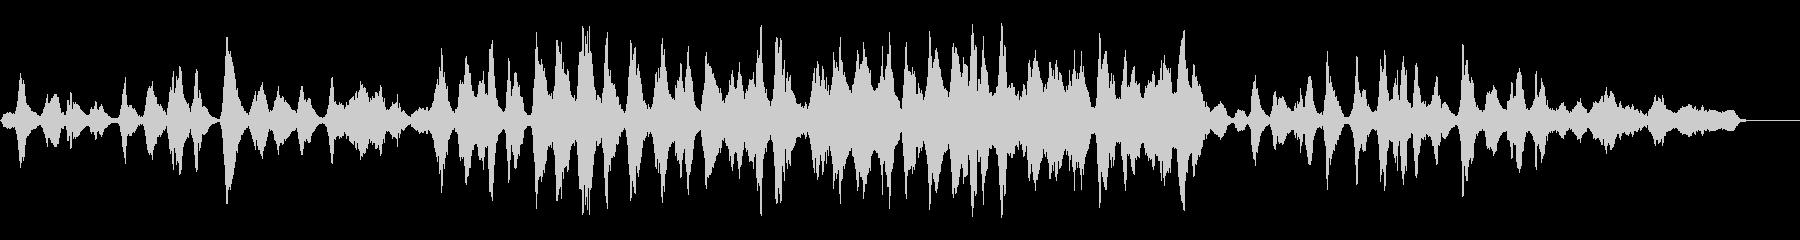 無伴奏チェロを生演奏でグリーンスリーヴスの未再生の波形